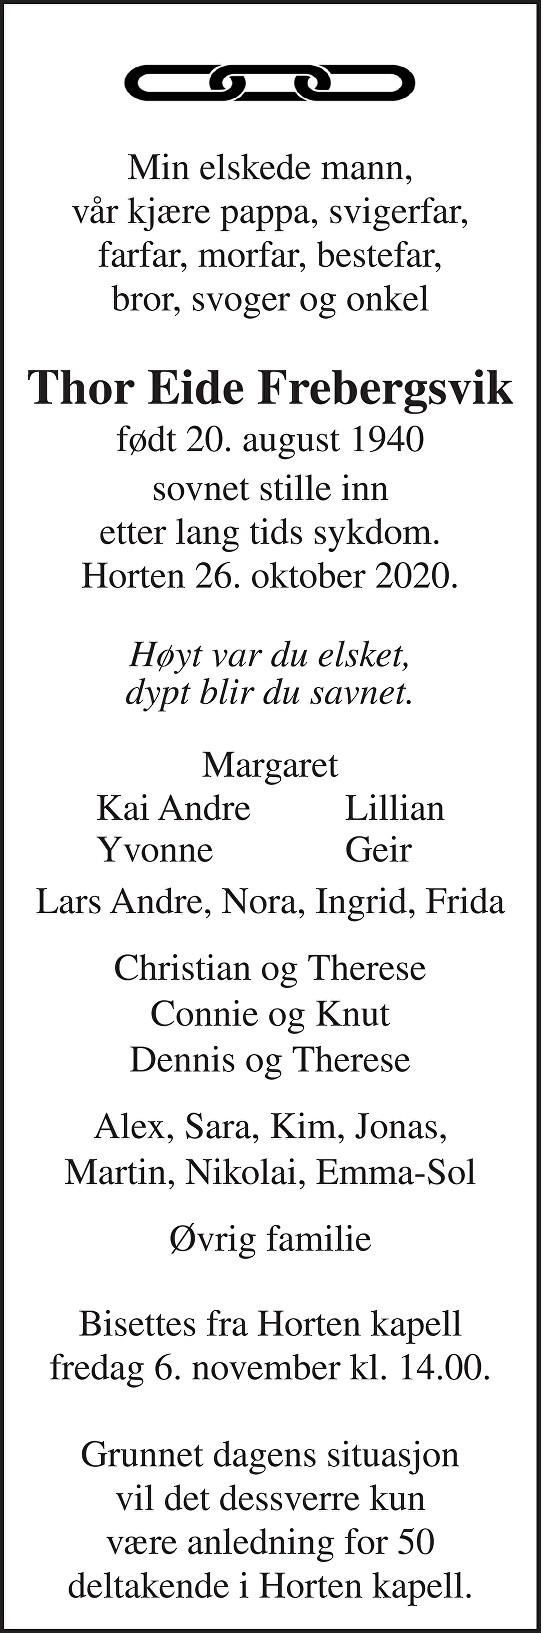 Thor Eide Frebergsvik Dødsannonse